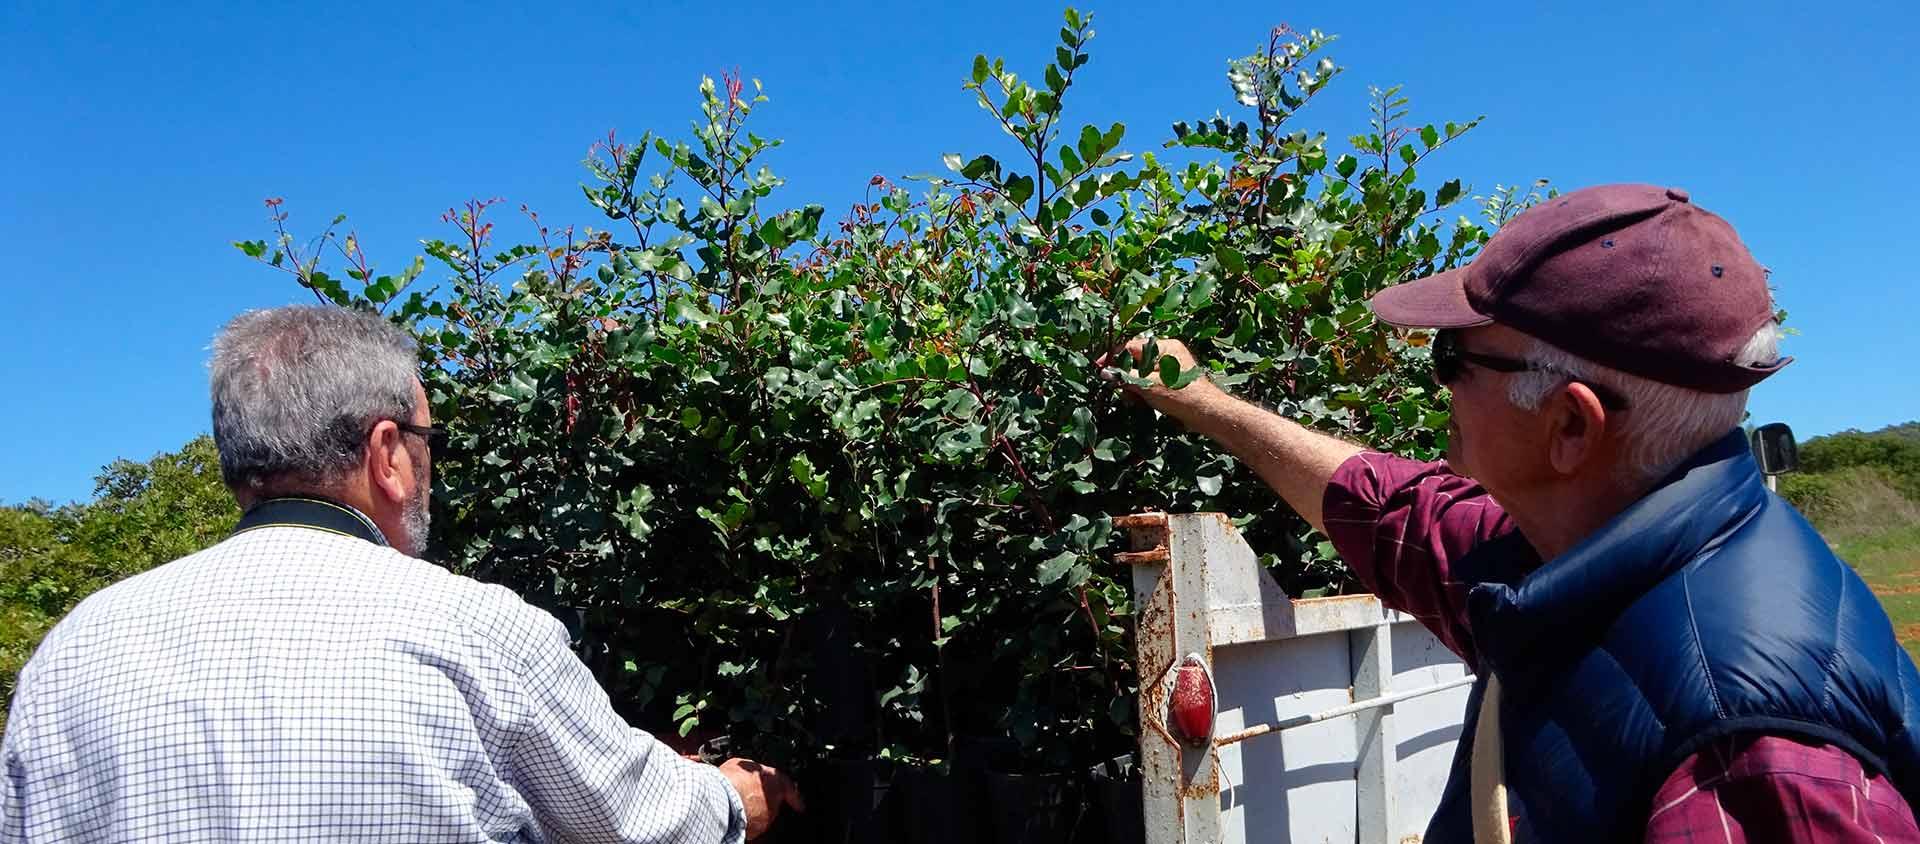 Plantación libre de pesticidas y  químicos